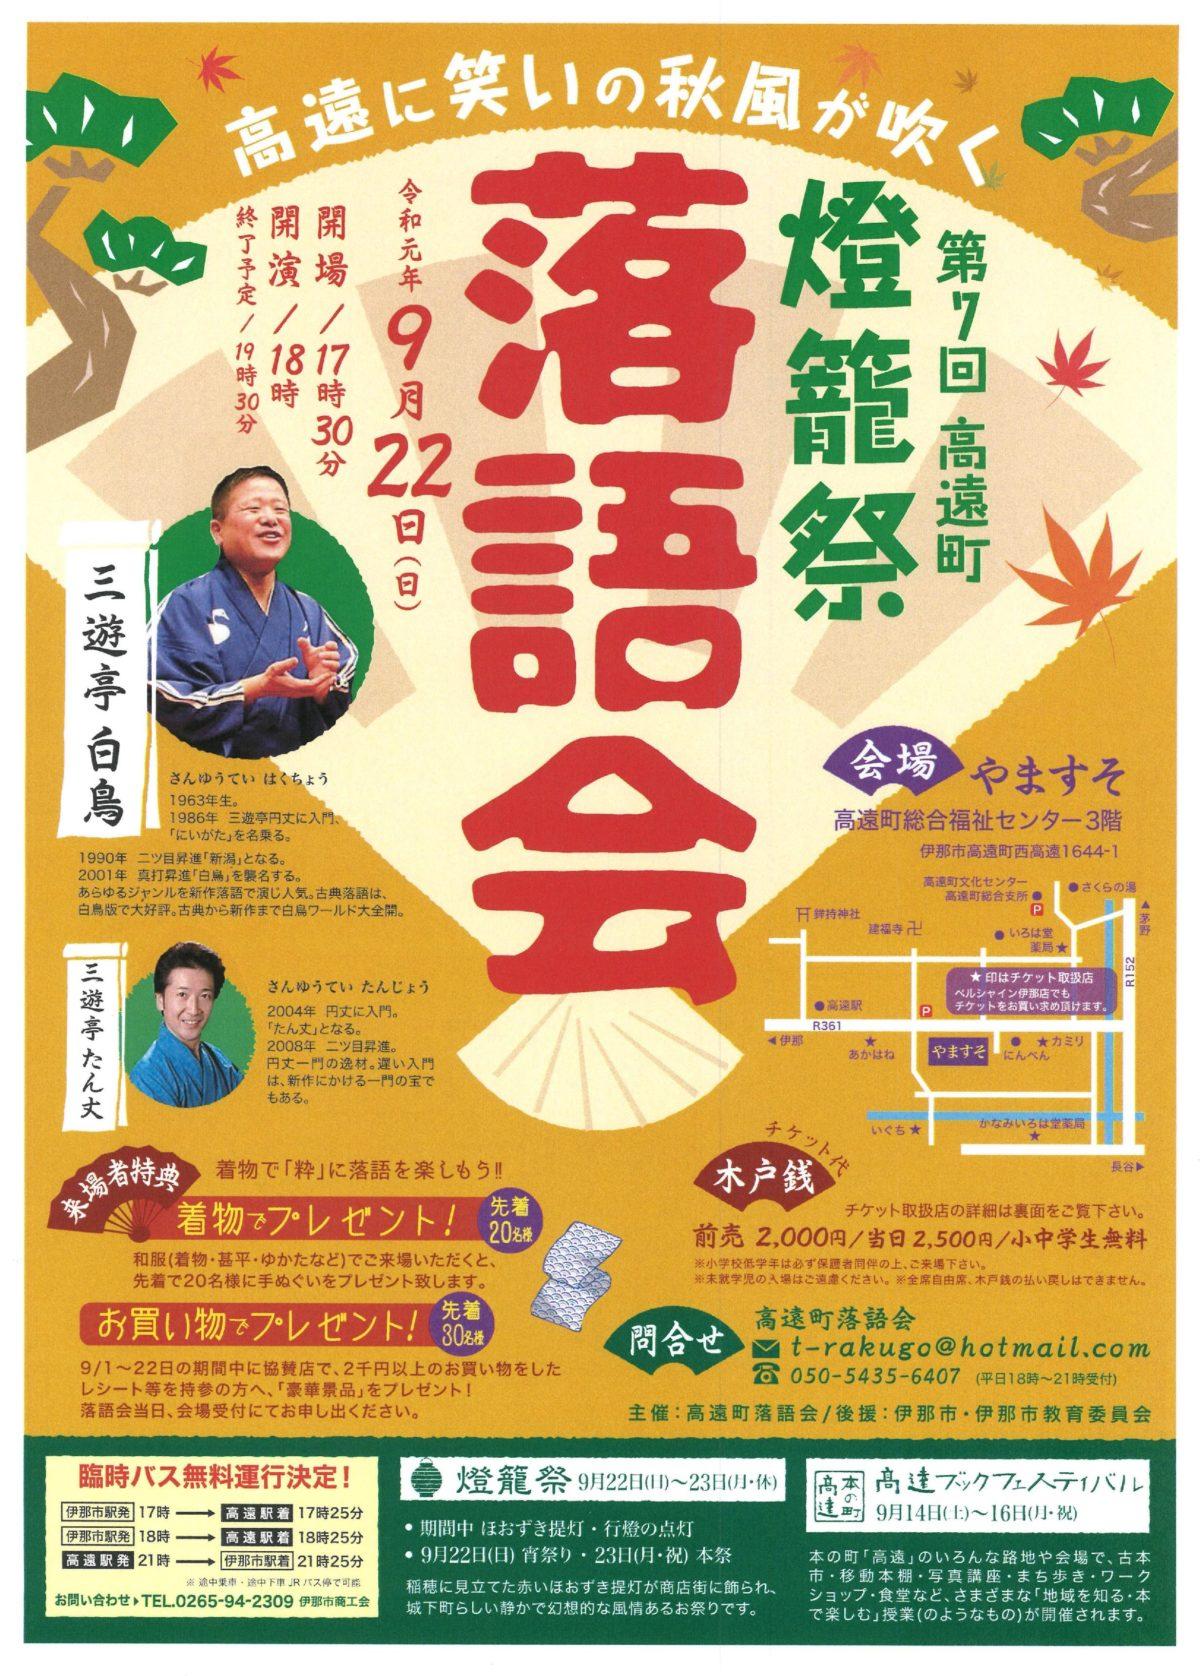 高遠 燈籠祭  第1弾-落語会-